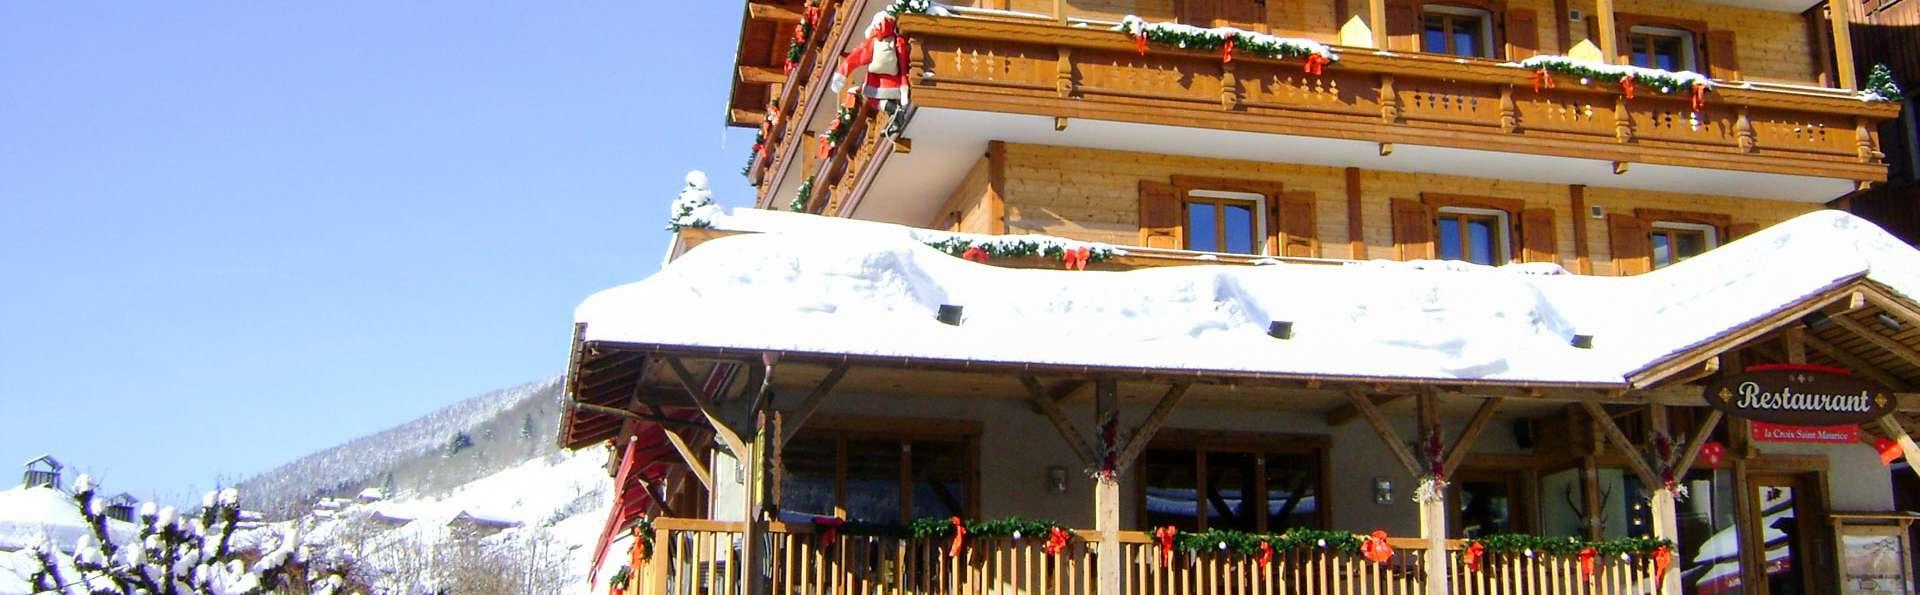 Hôtel Spa La Croix Saint Maurice - EDIT_NEW_FRONT_01.jpg